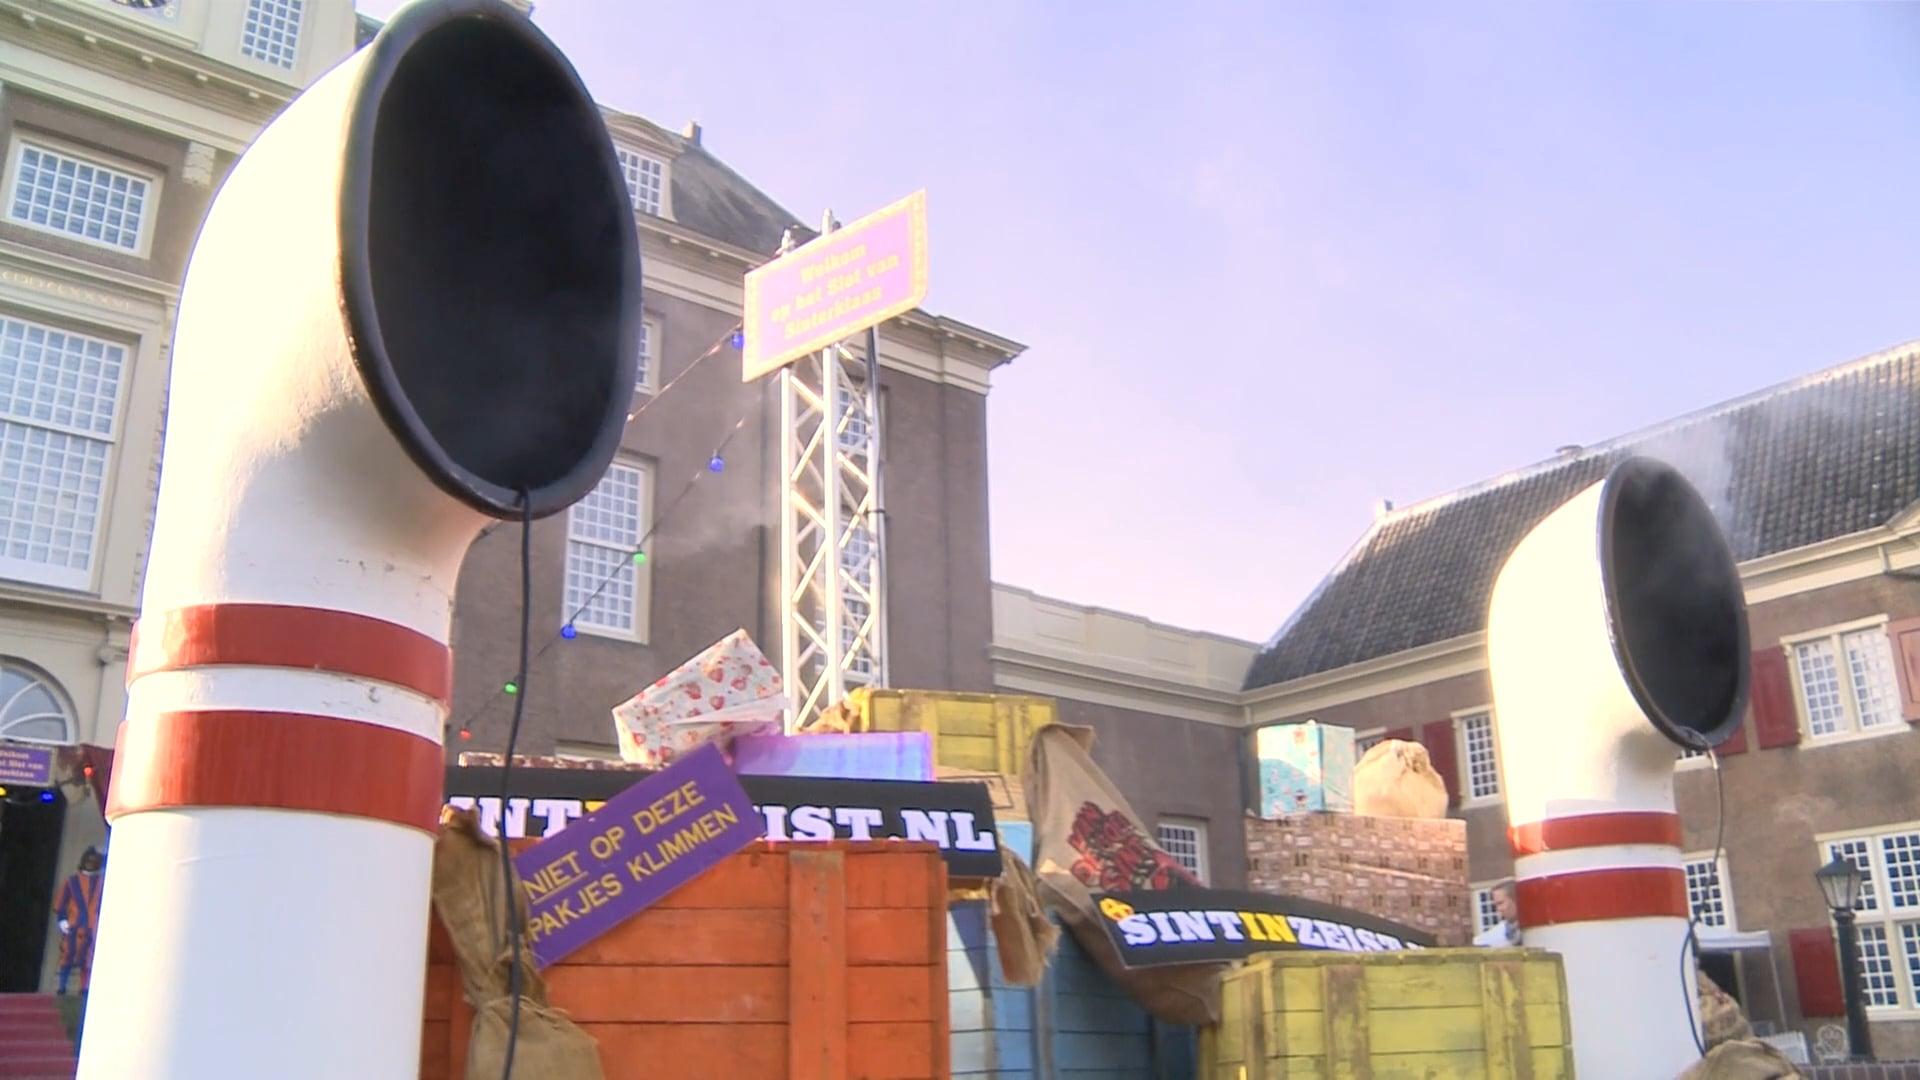 Slot van Sinterklaas 2019